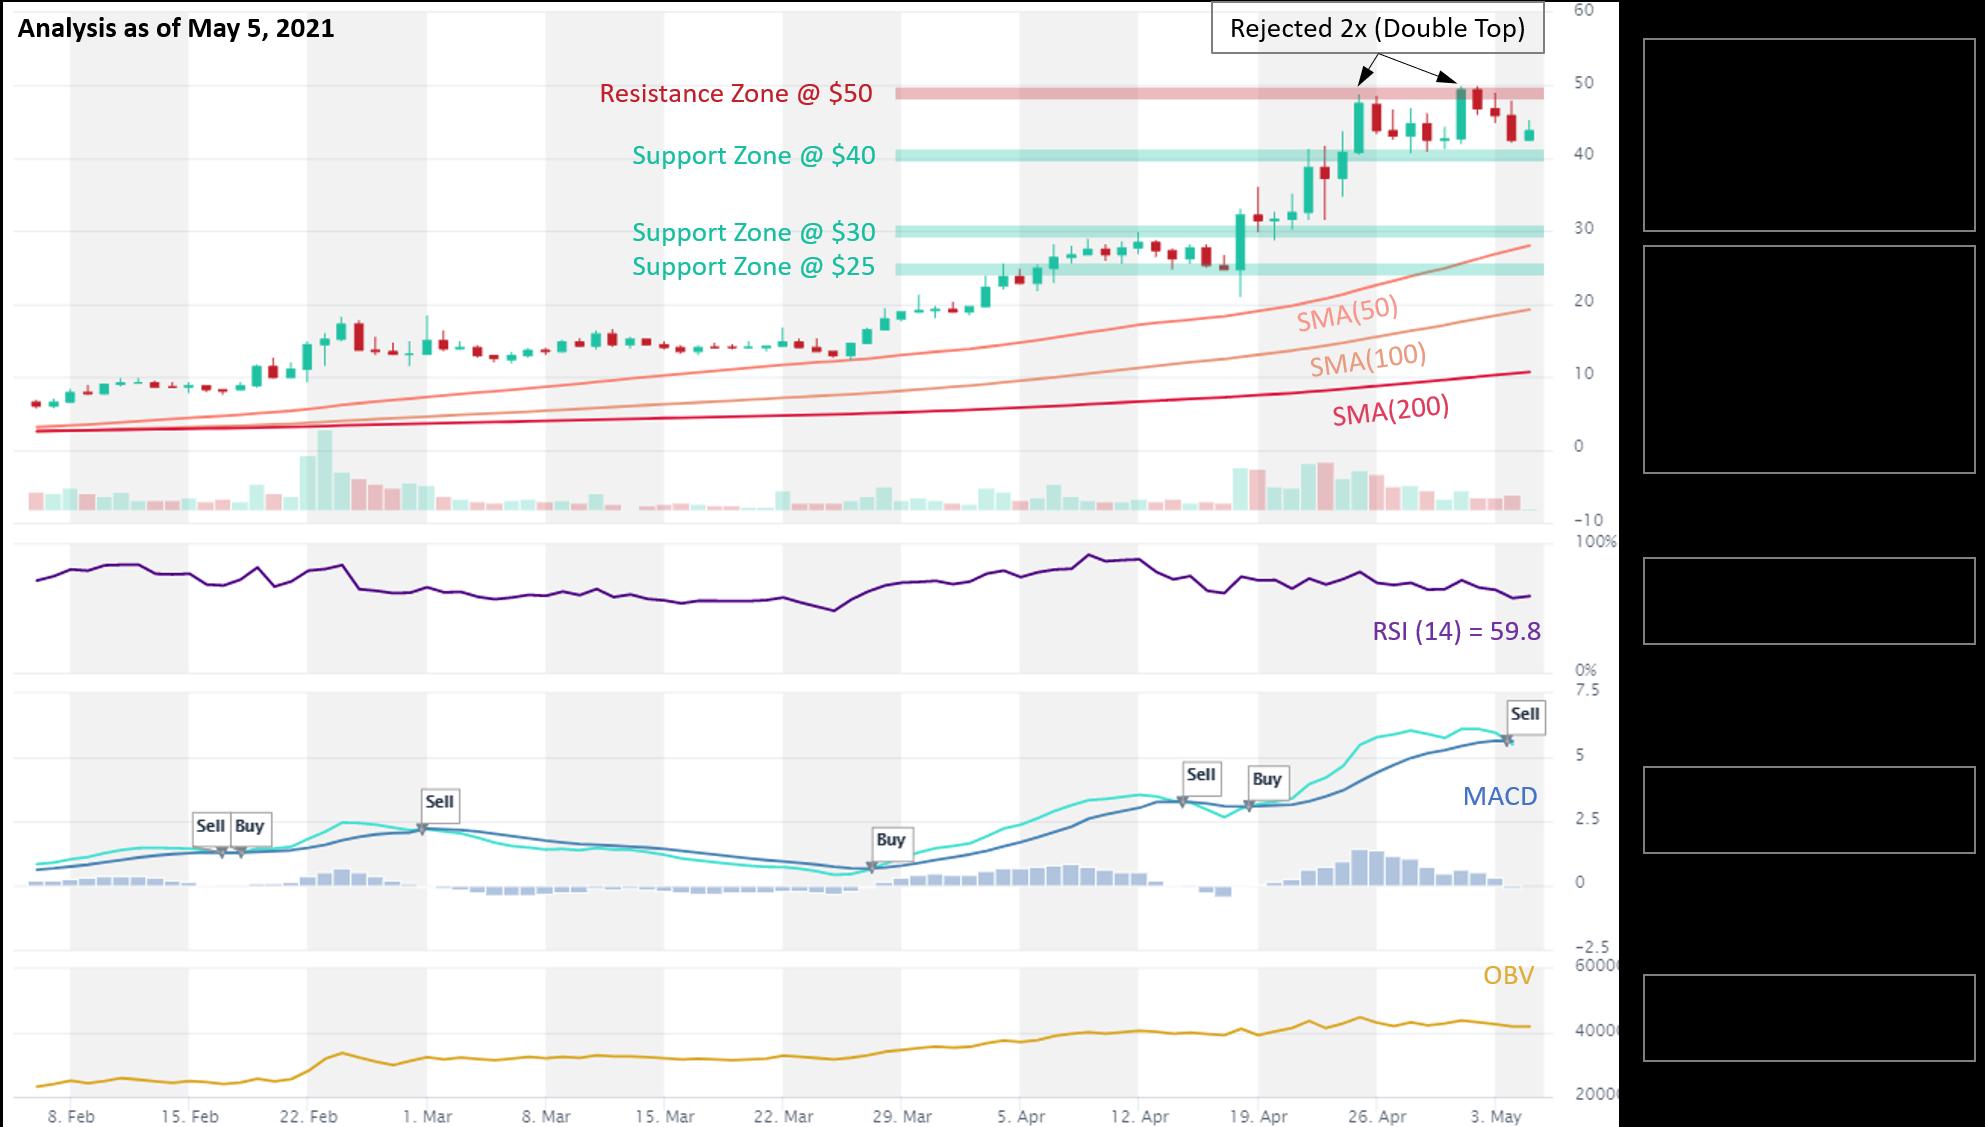 SOL price analysis 5.5.2021